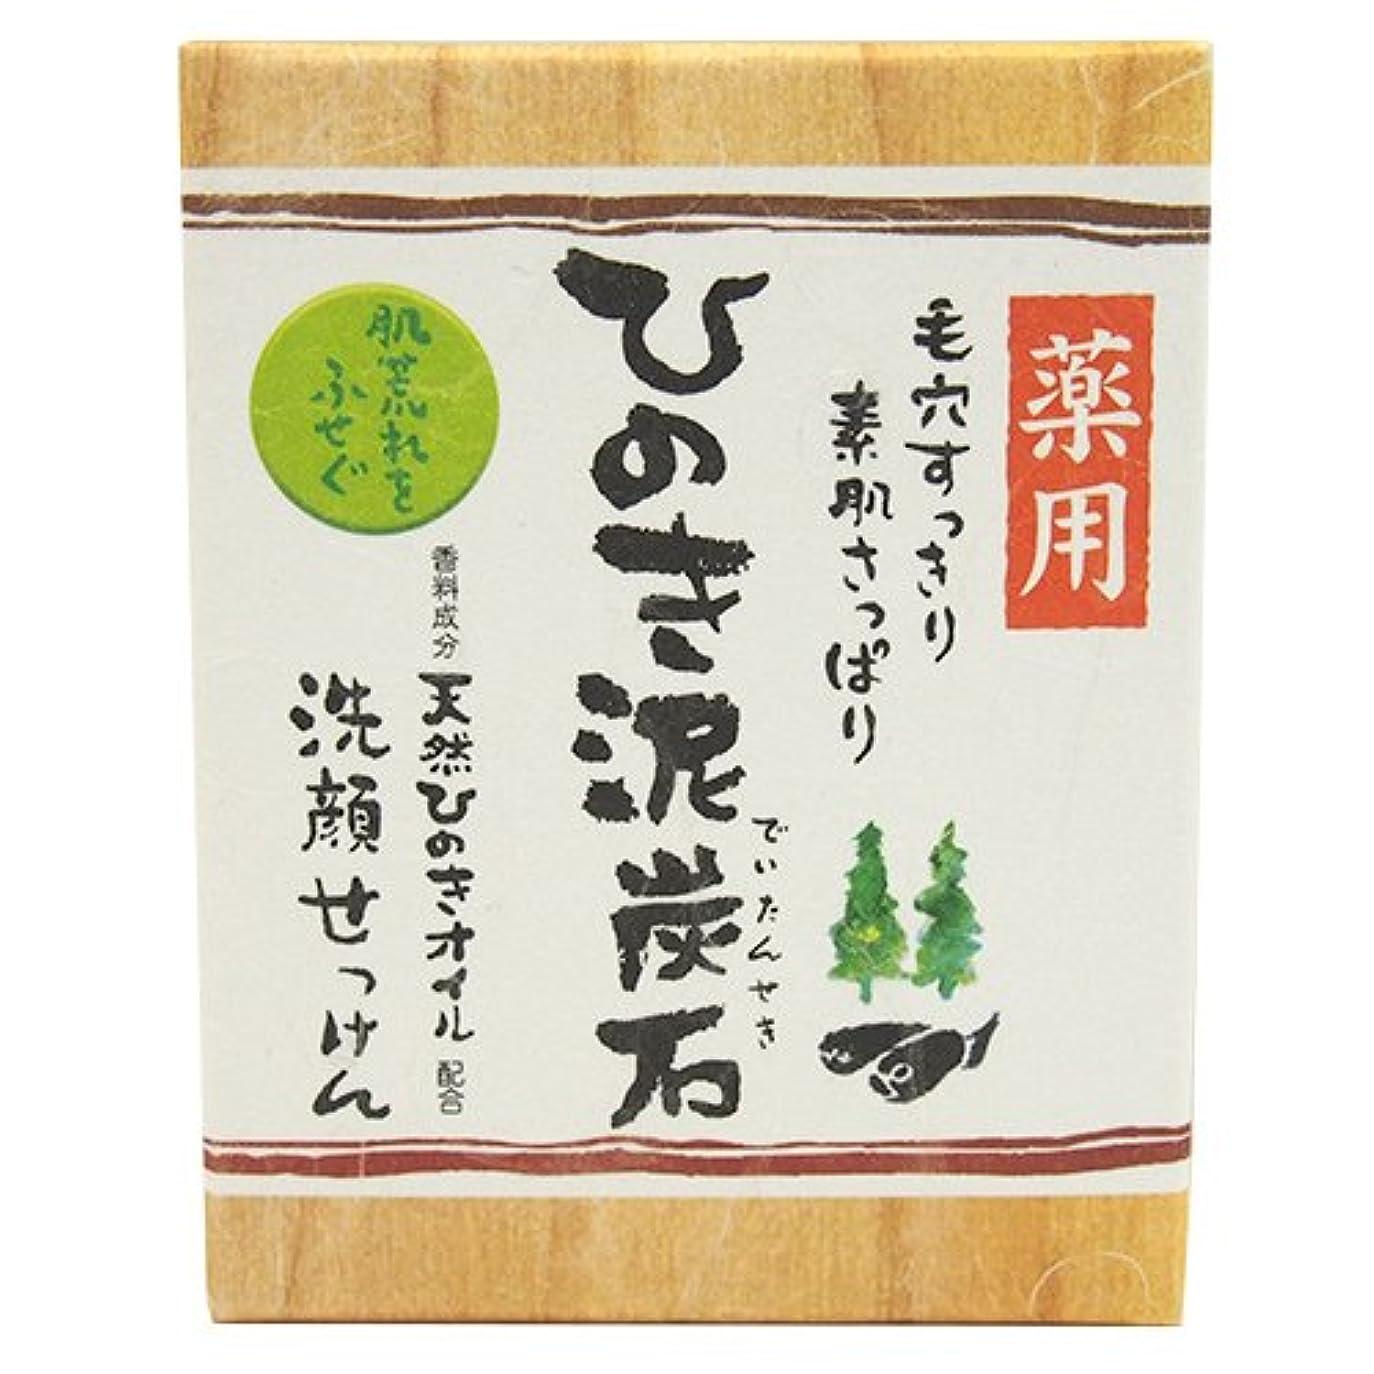 腫瘍ループ腐食する東京宝 薬用ひのき泥炭石 すっきり黒タイプ 洗顔石鹸 75g